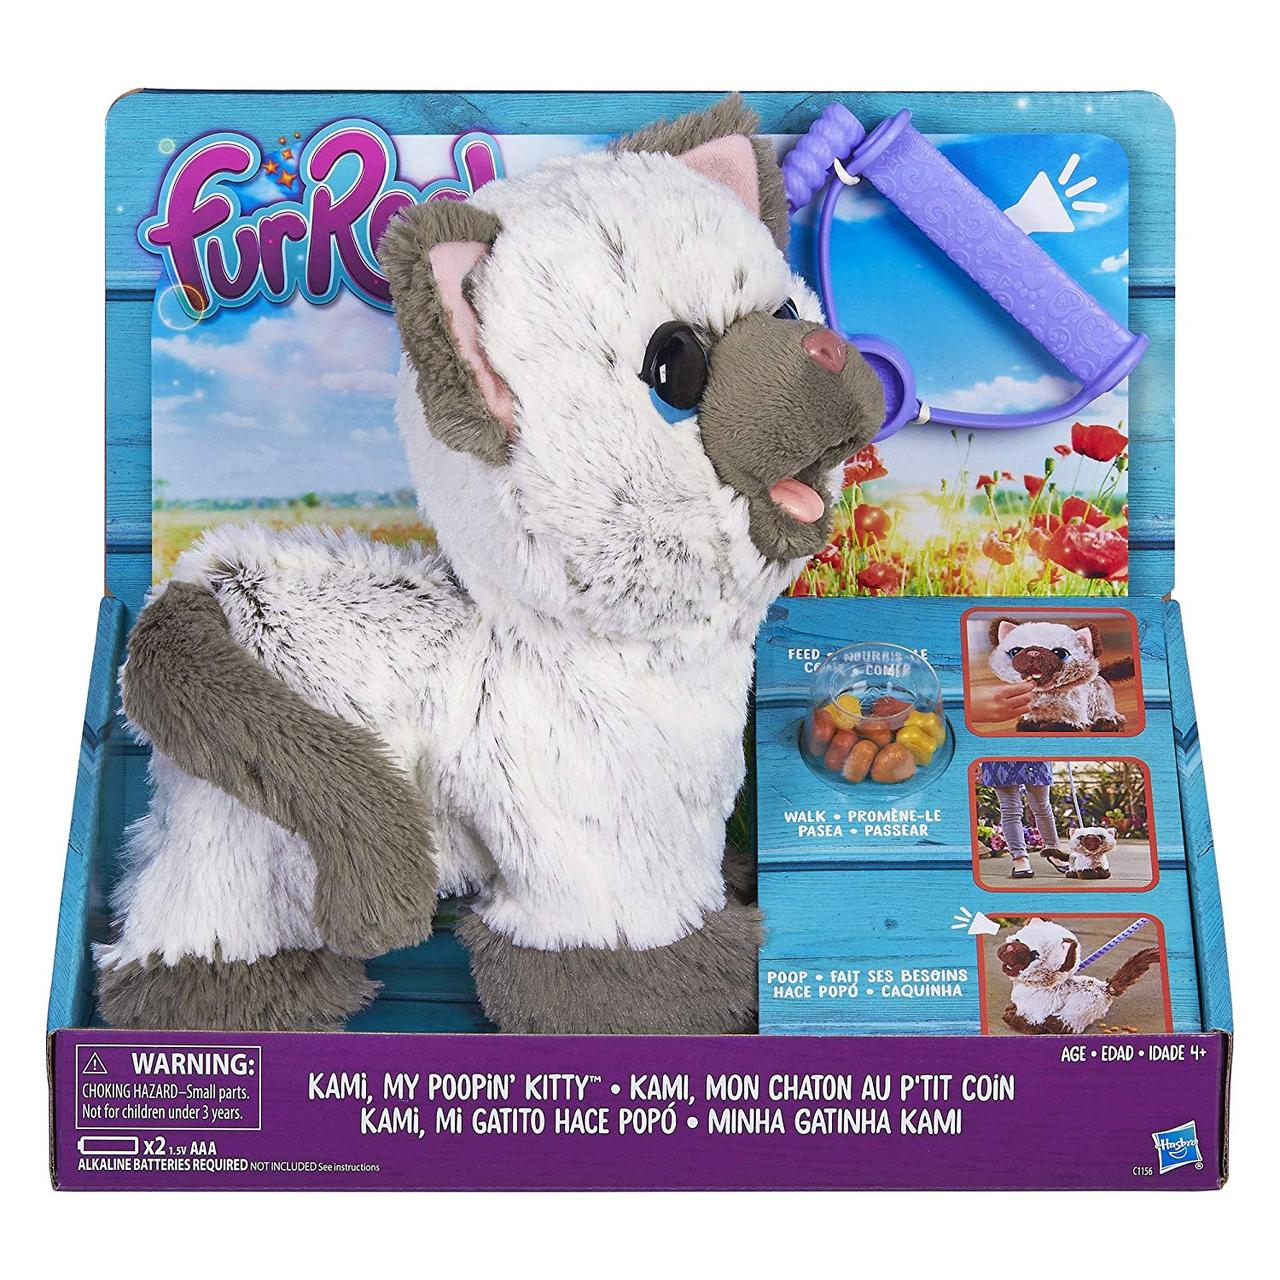 Интерактивный котенок Ками FurReal Friends Kami My Poopin Kitty Plush